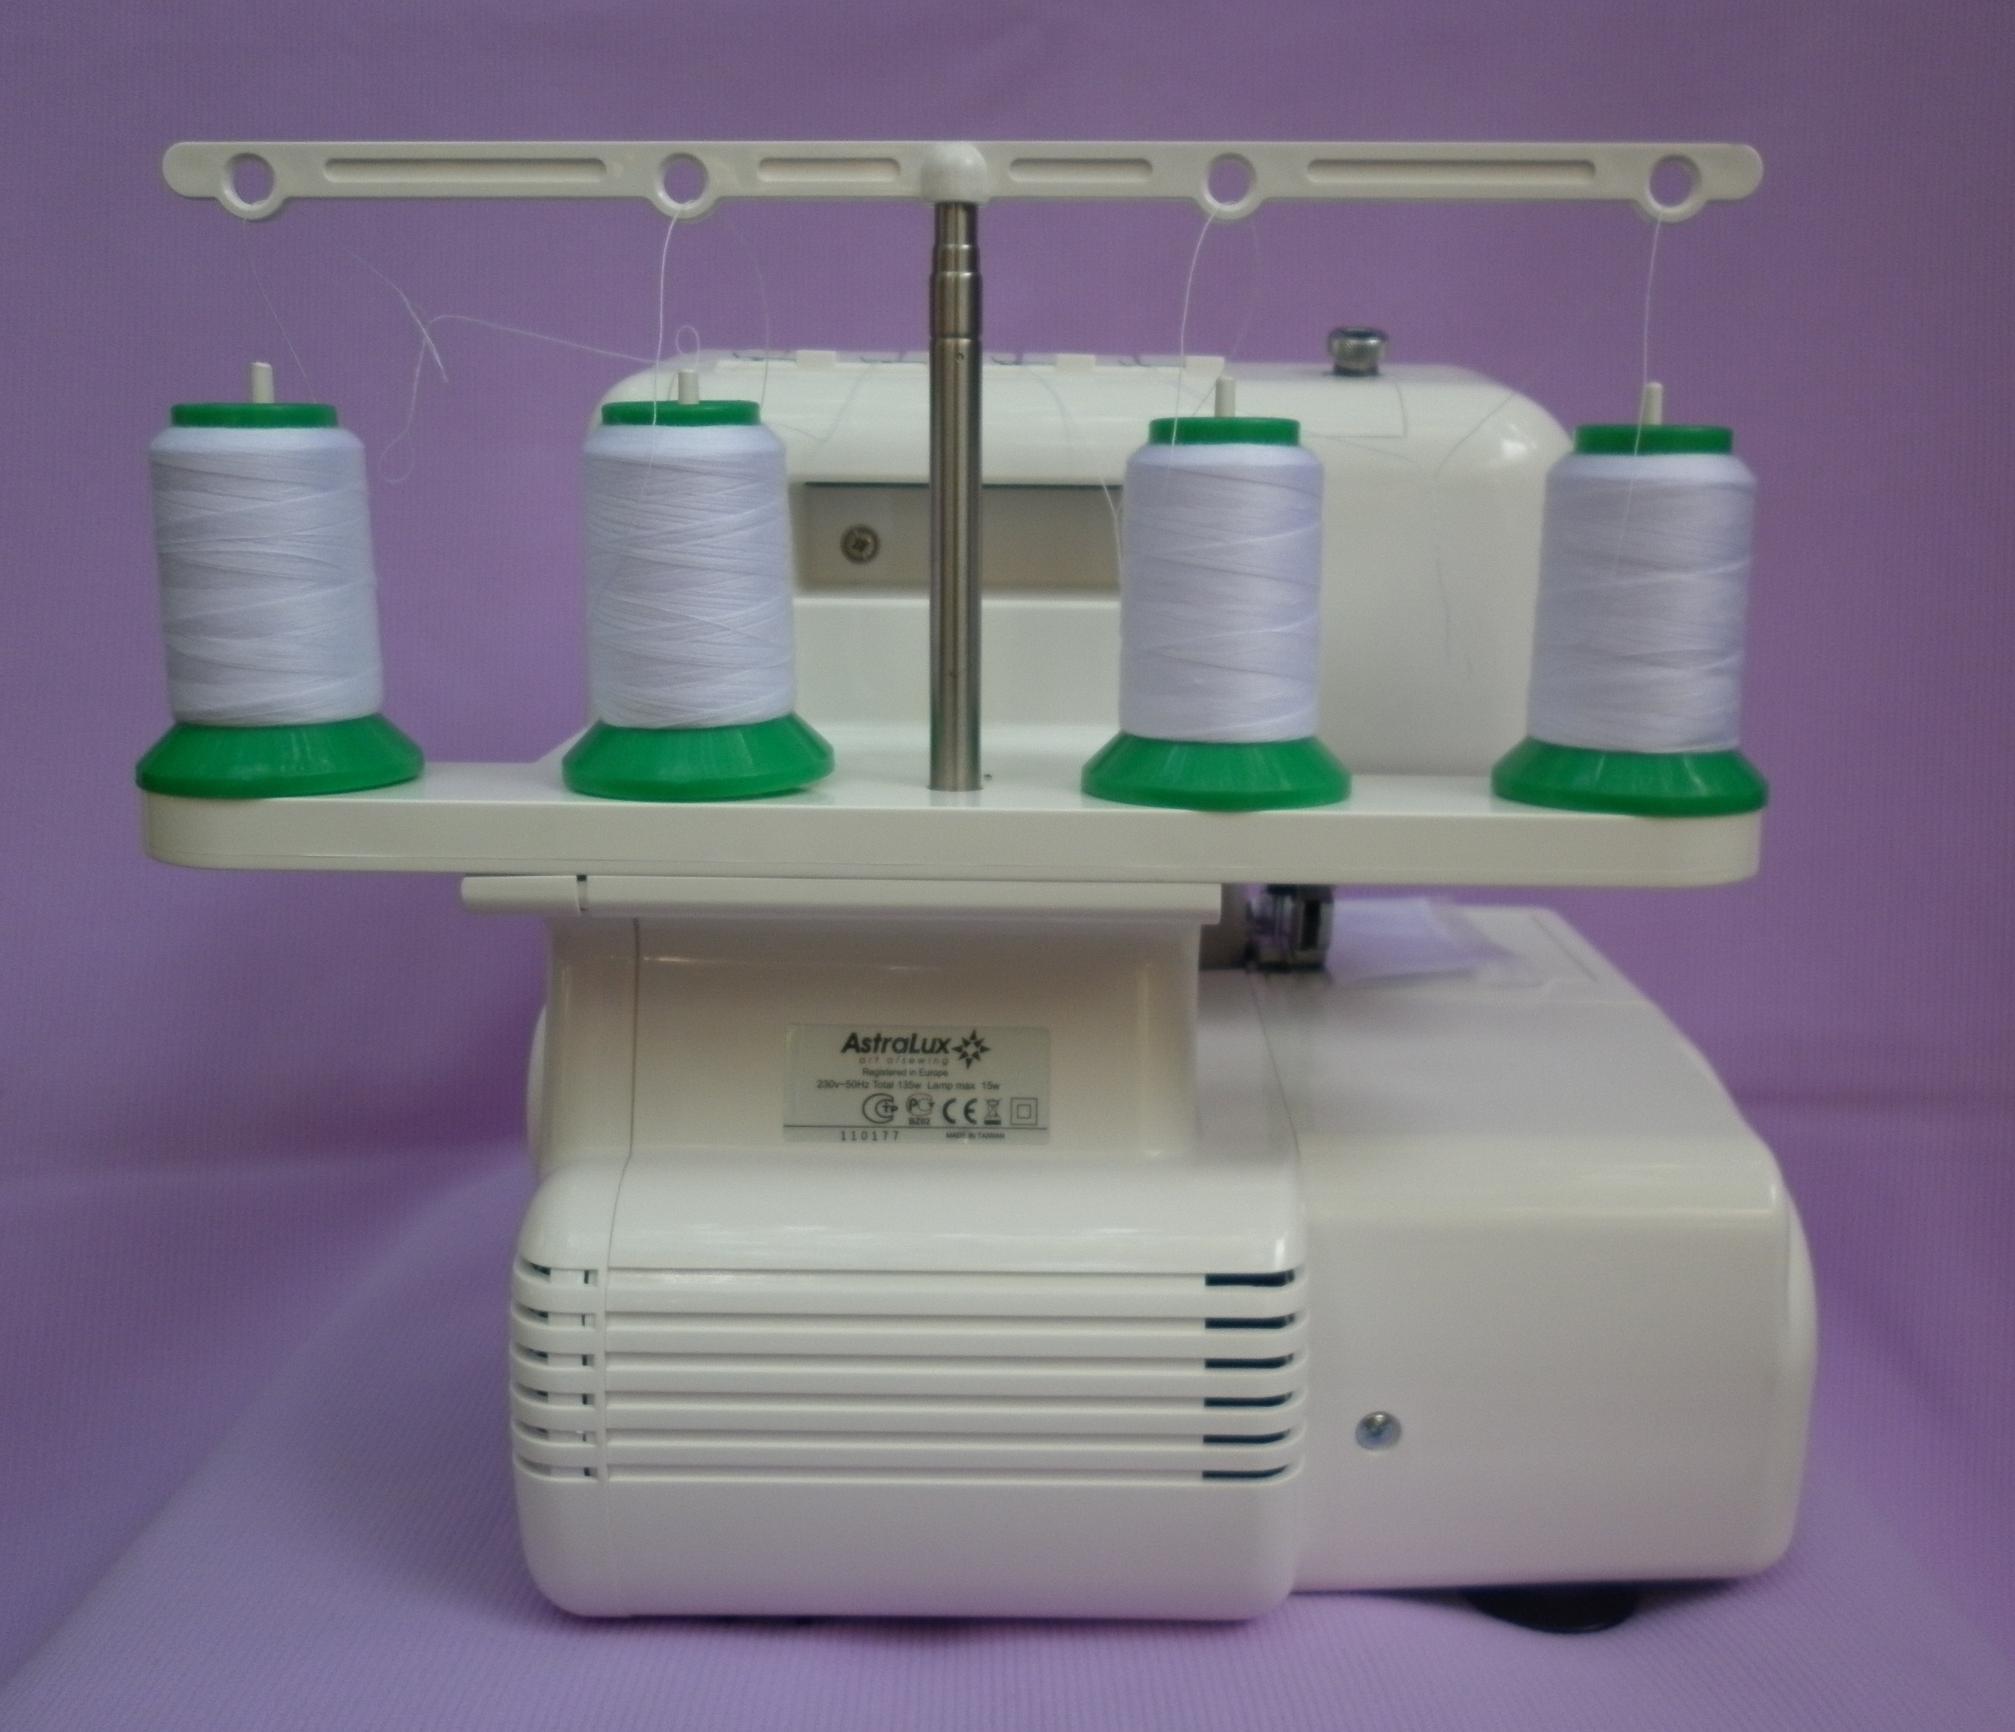 Оверлок ASTRALUX 822 D ( машина швейная, краеобмёточно - стачивающая ), устройство мачты под катушки, приндительное охлаждение электропривода.